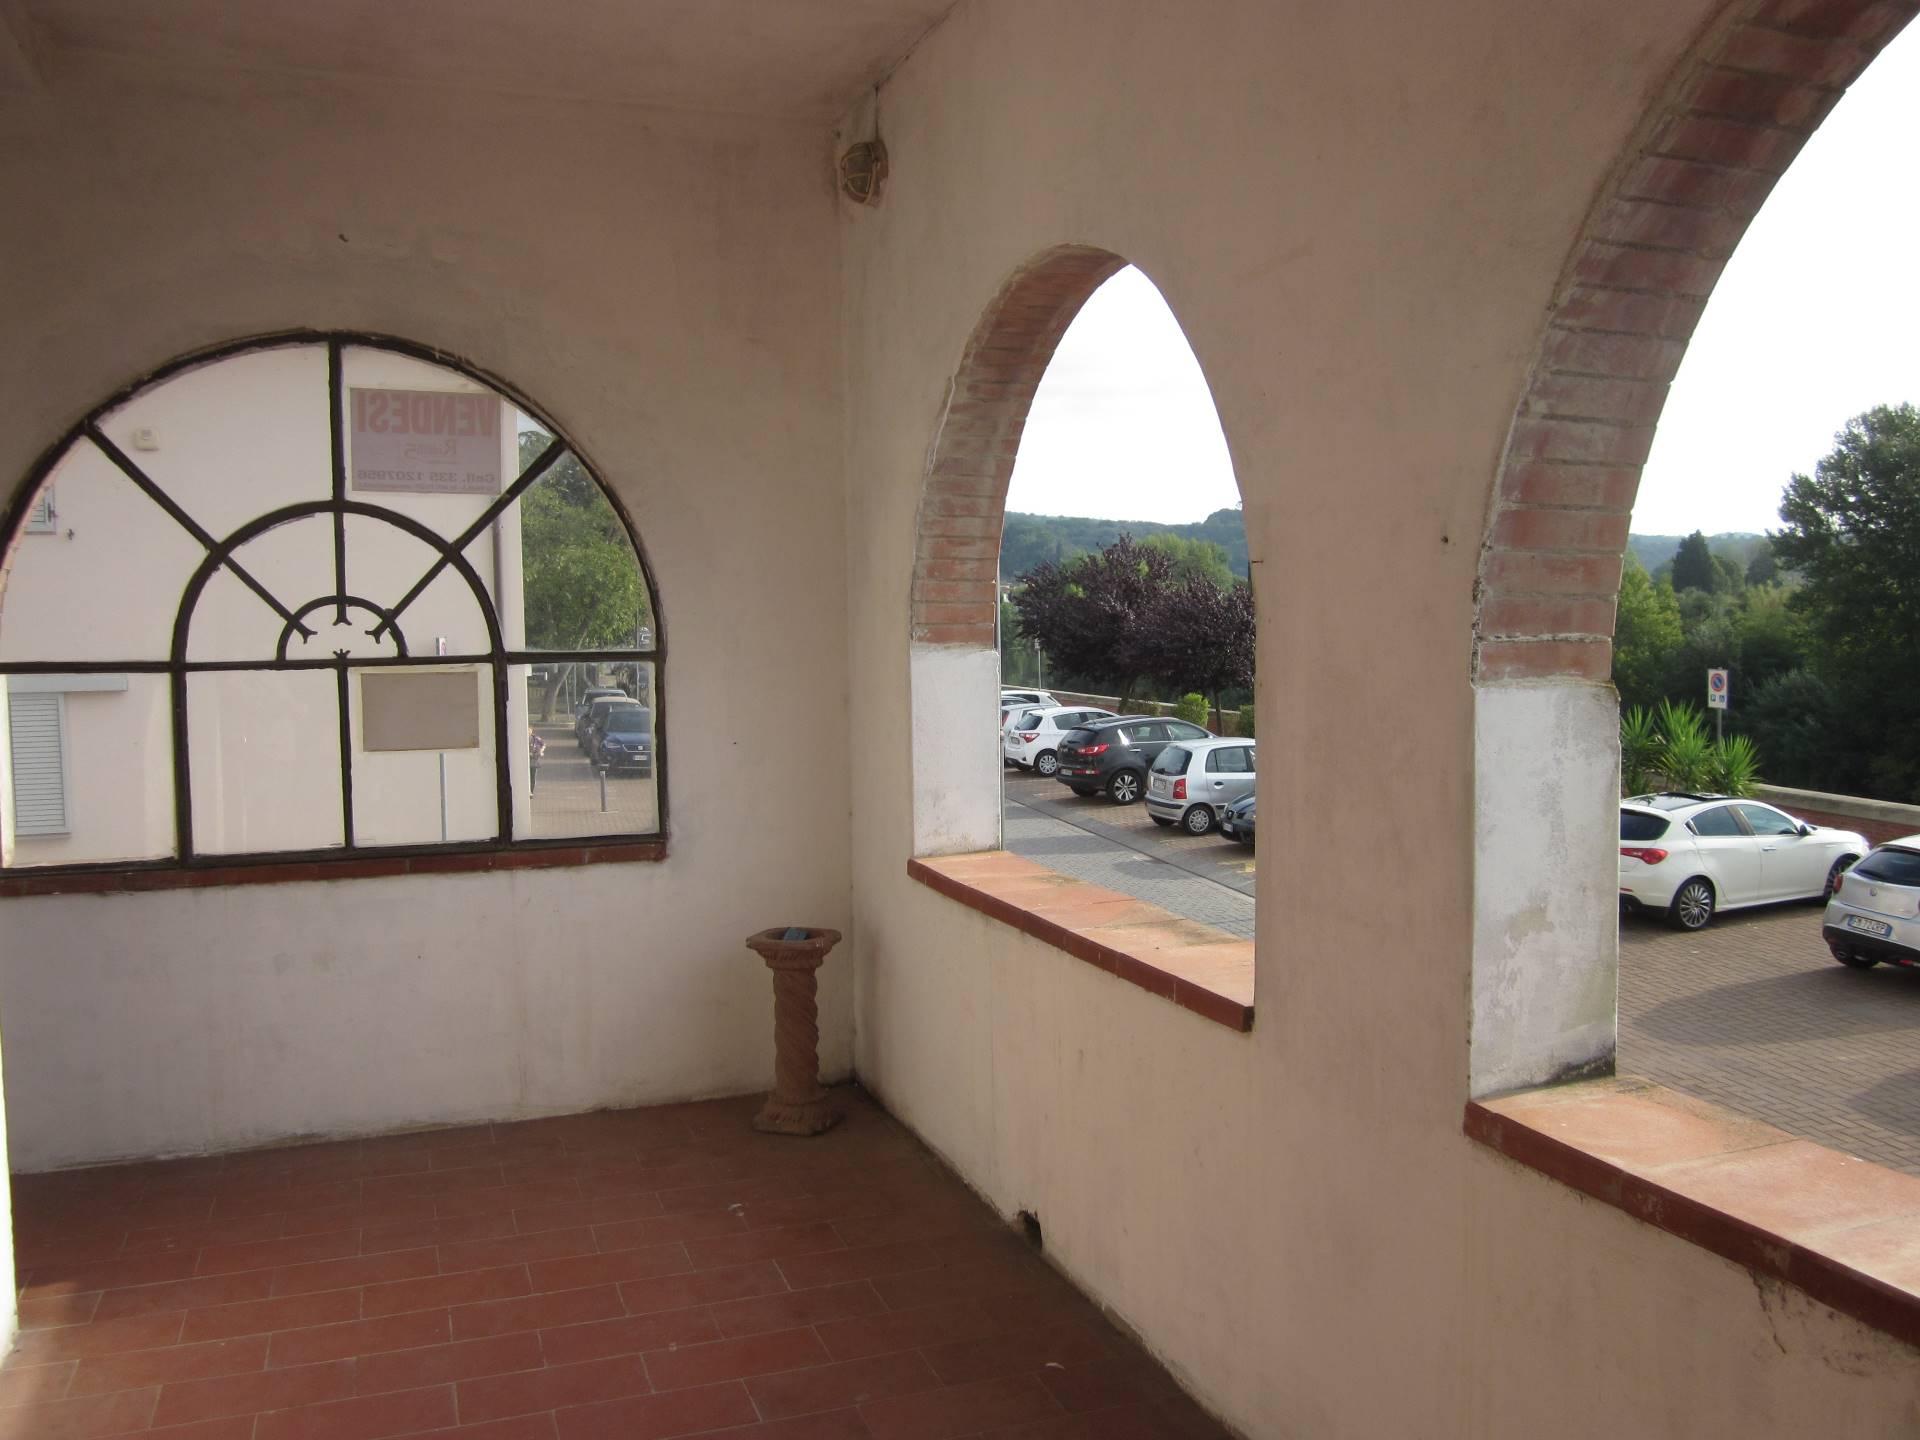 Soluzione Semindipendente in vendita a Capraia e Limite, 3 locali, zona Località: LimitesullArno, prezzo € 78.000 | PortaleAgenzieImmobiliari.it